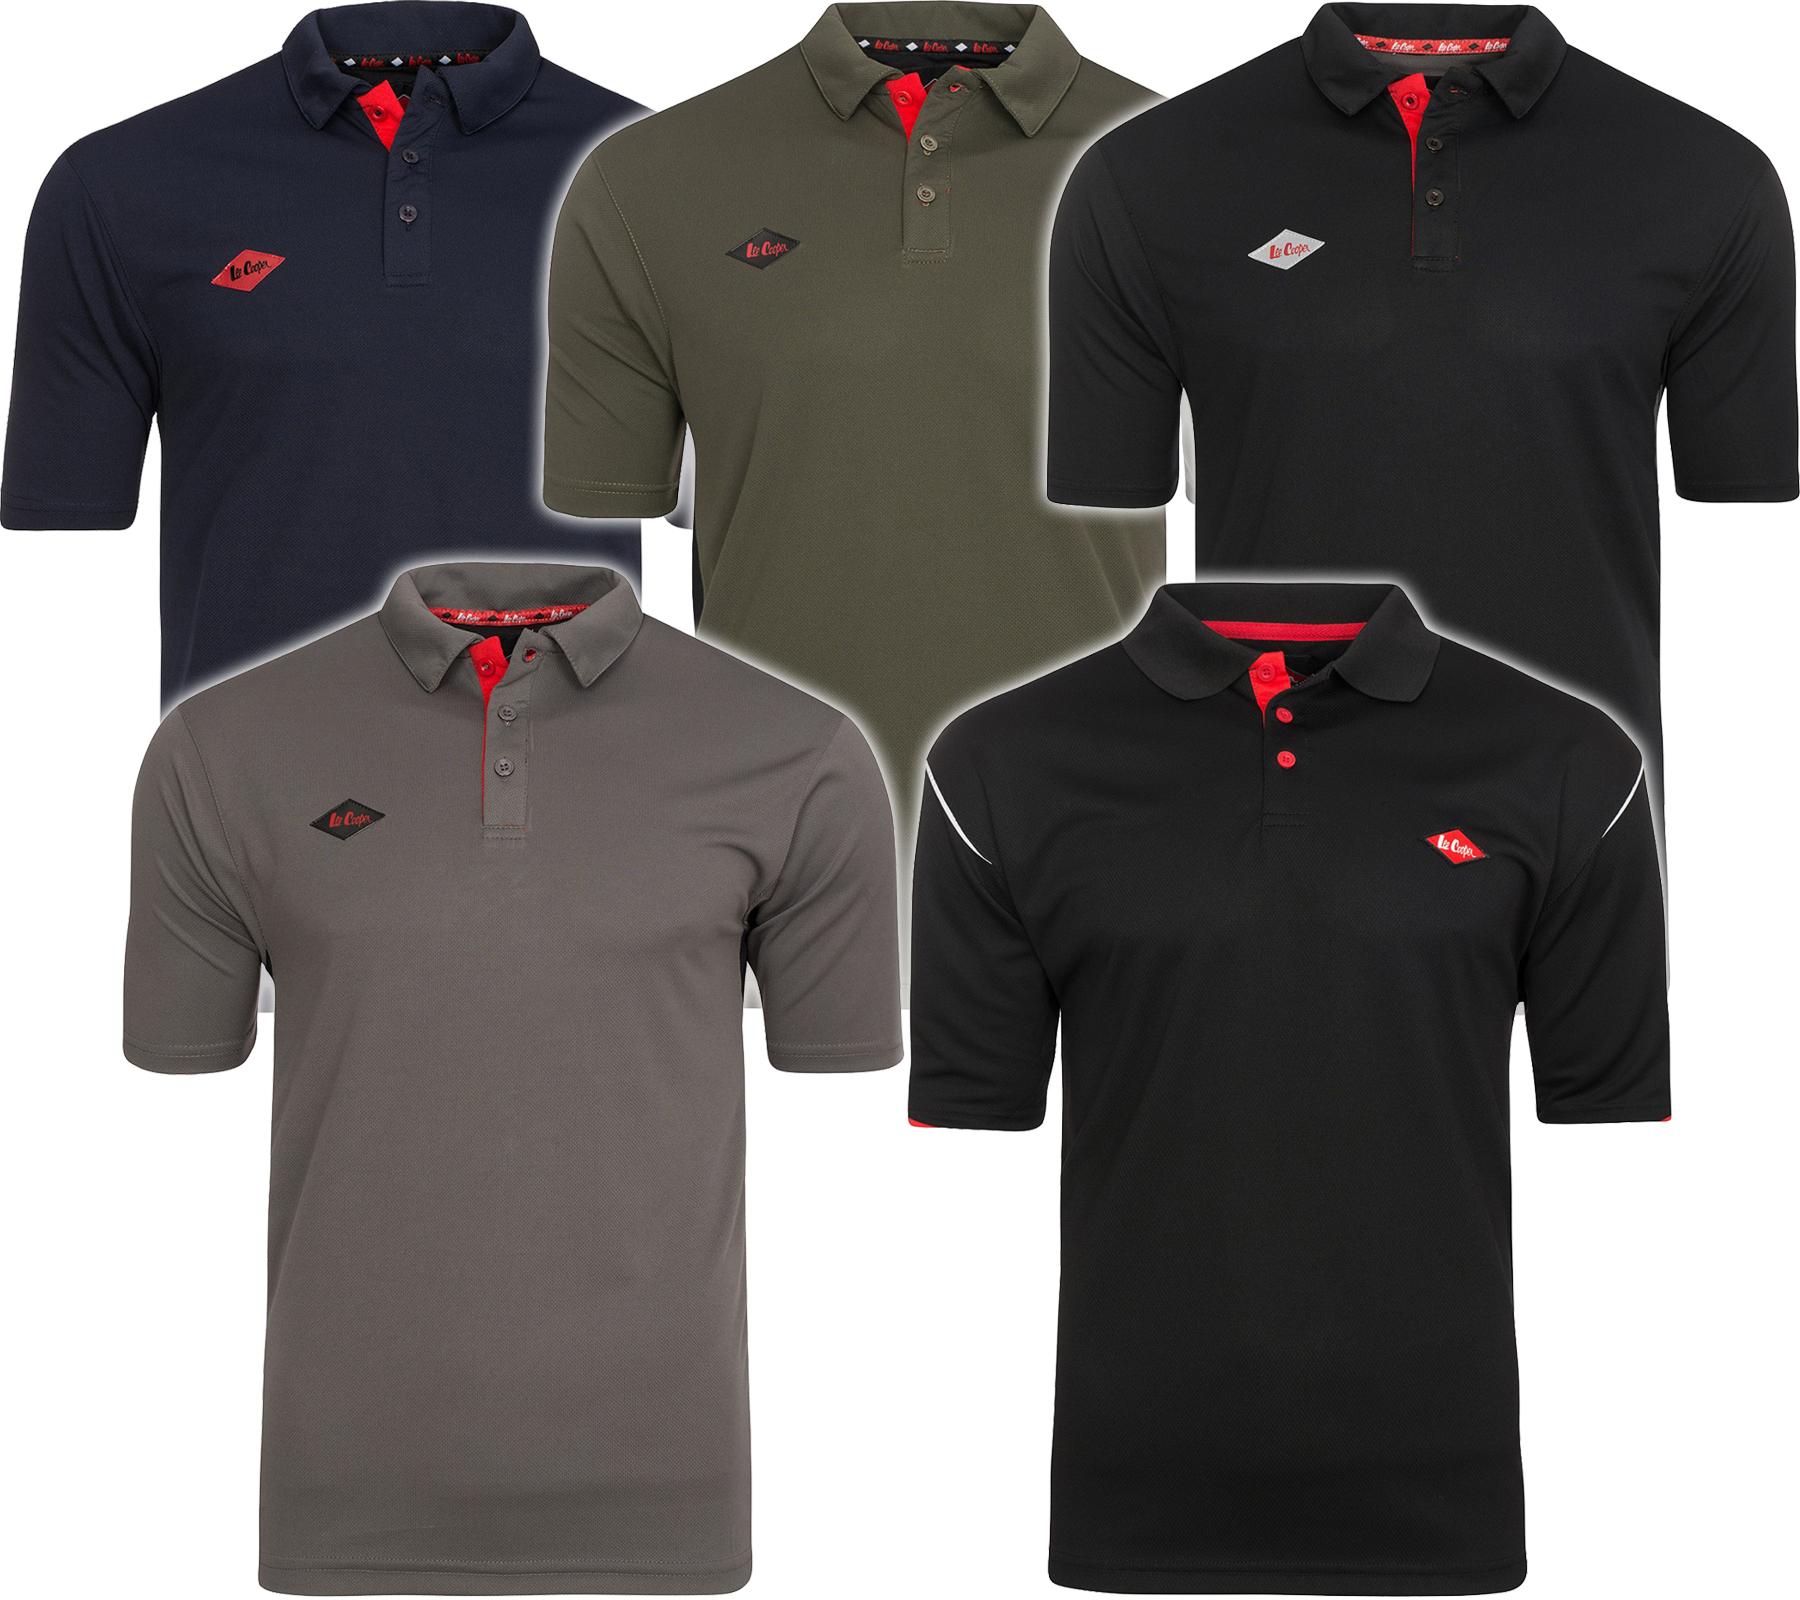 [Outlet46] Lee Cooper Performance Workwear Herren Poloshirts für 9,99€